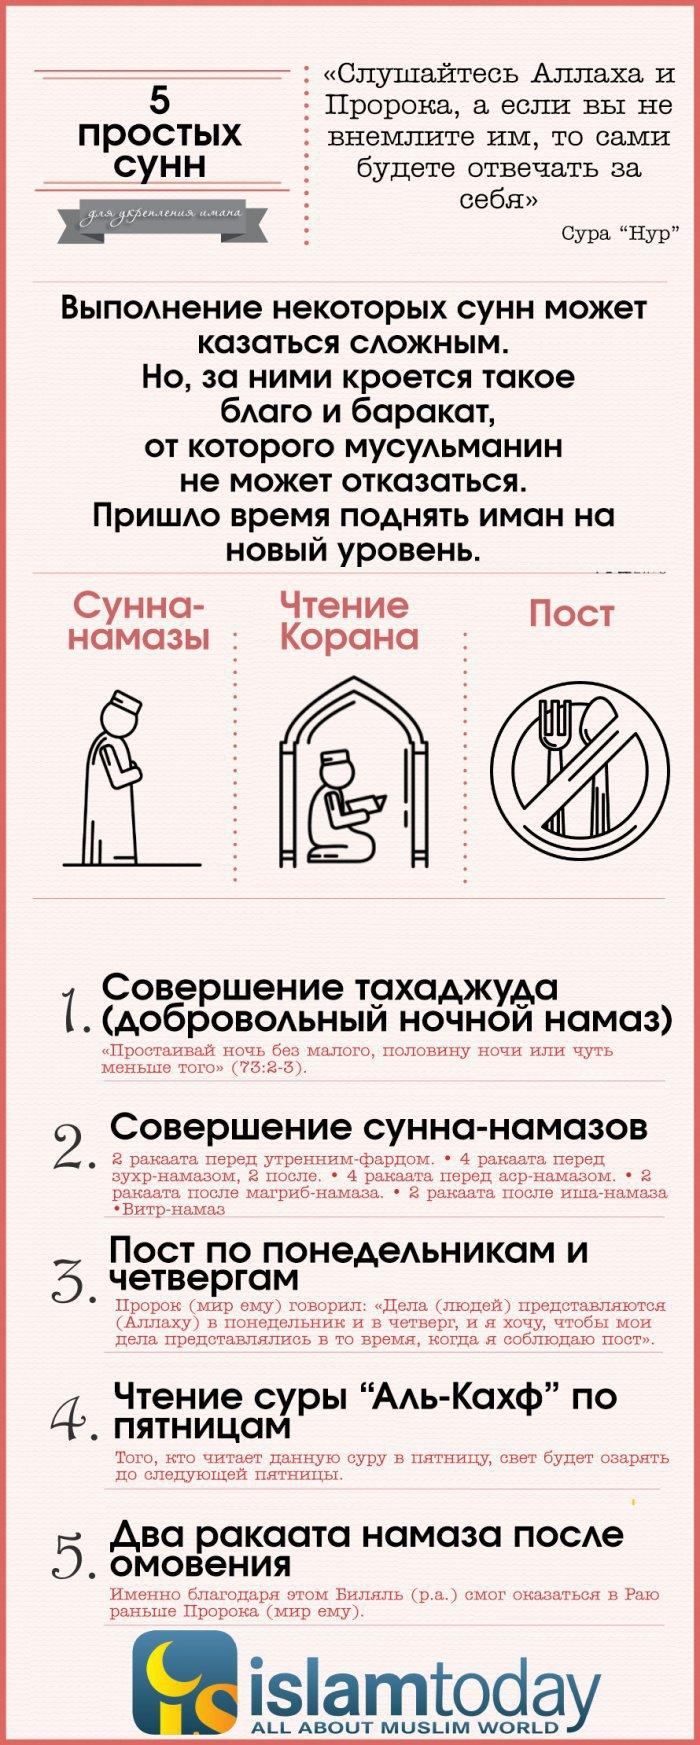 5 простых сунн для гарантированного укрепления имана (ИНФОГРАФИКА)